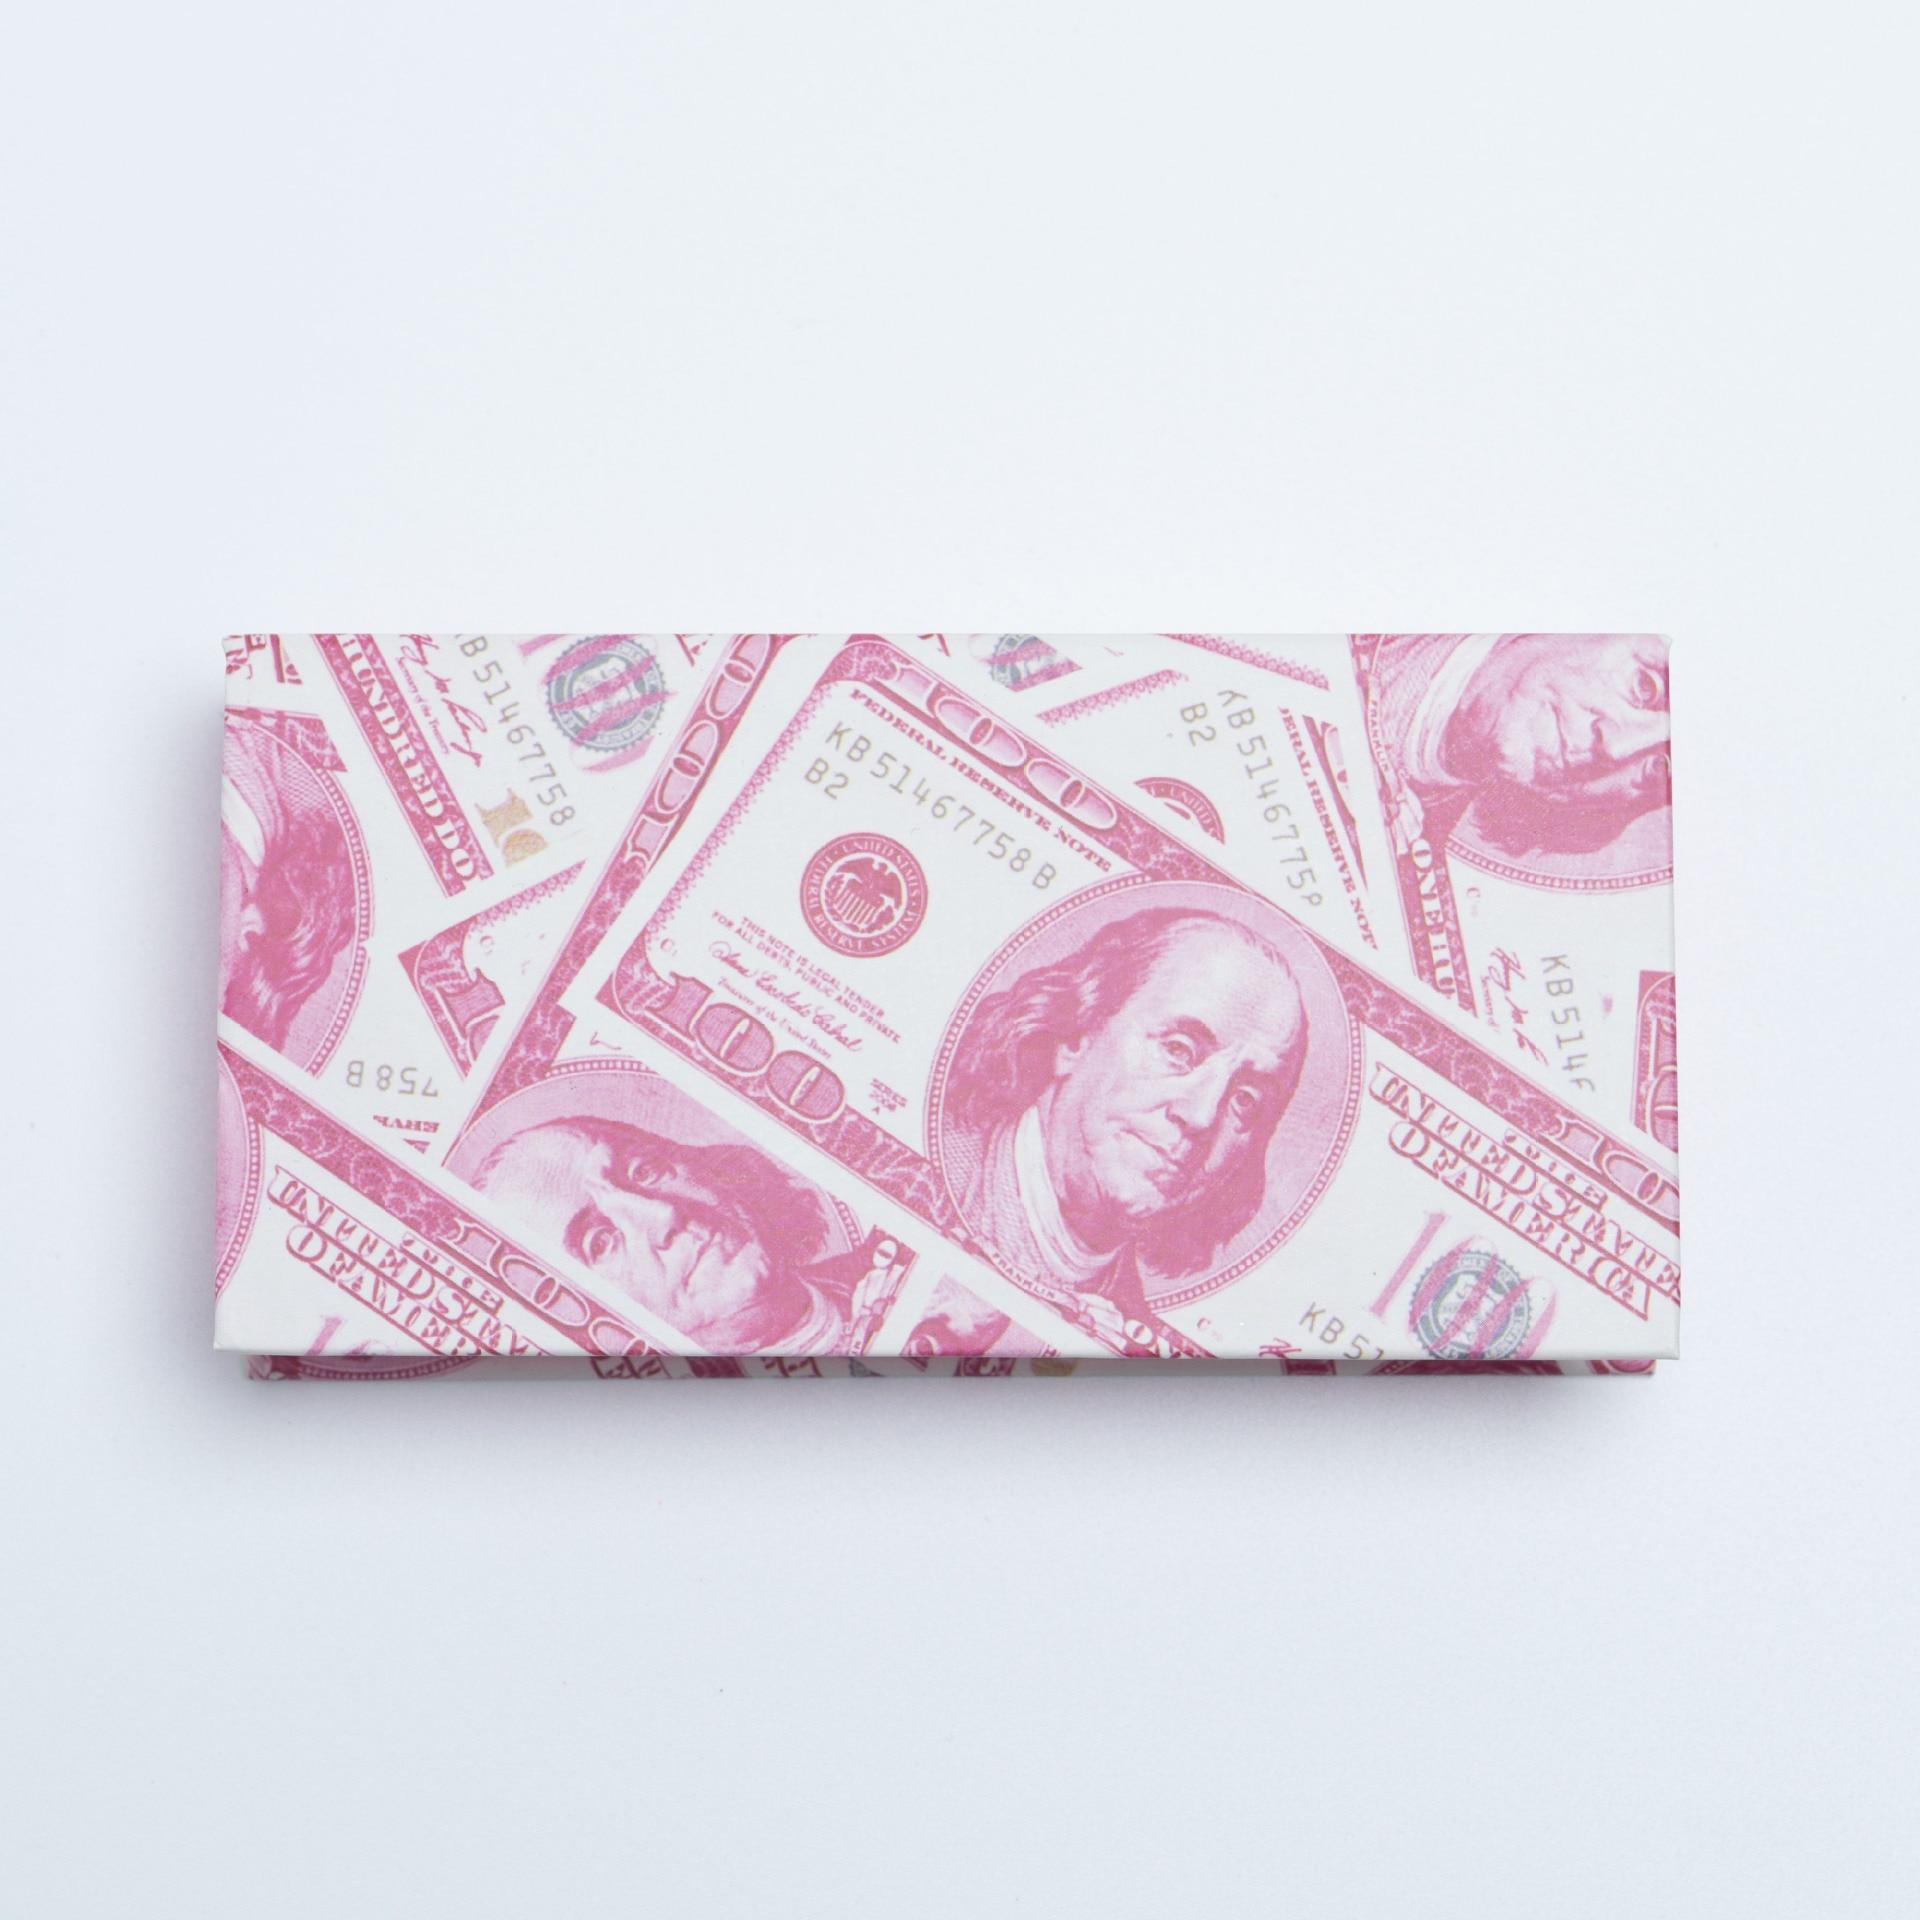 50PCS Hot Sale Mink Fake Eyelashes US Dollar Package Box Stock Wholesale Lash Box